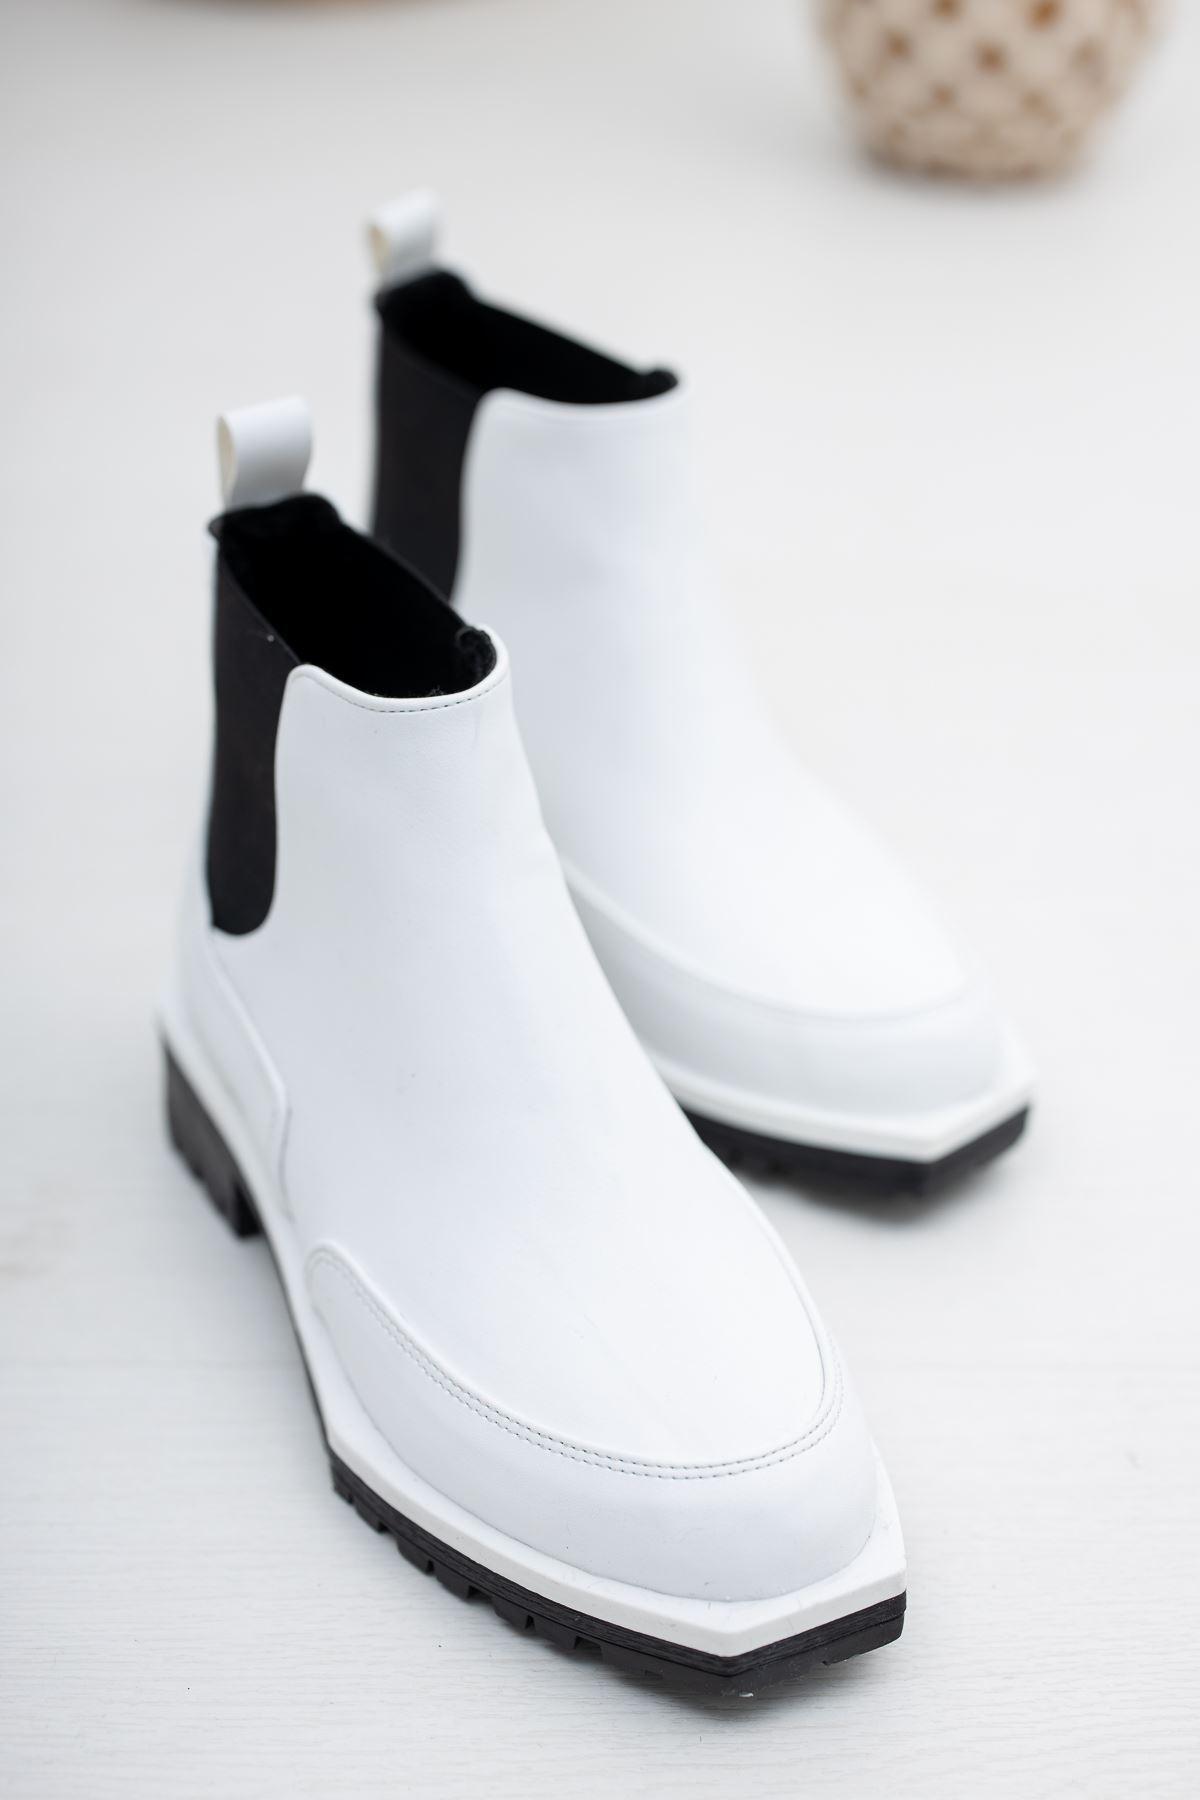 Chaya Beyaz - Siyah Lastik Detaylı Kadın Bot